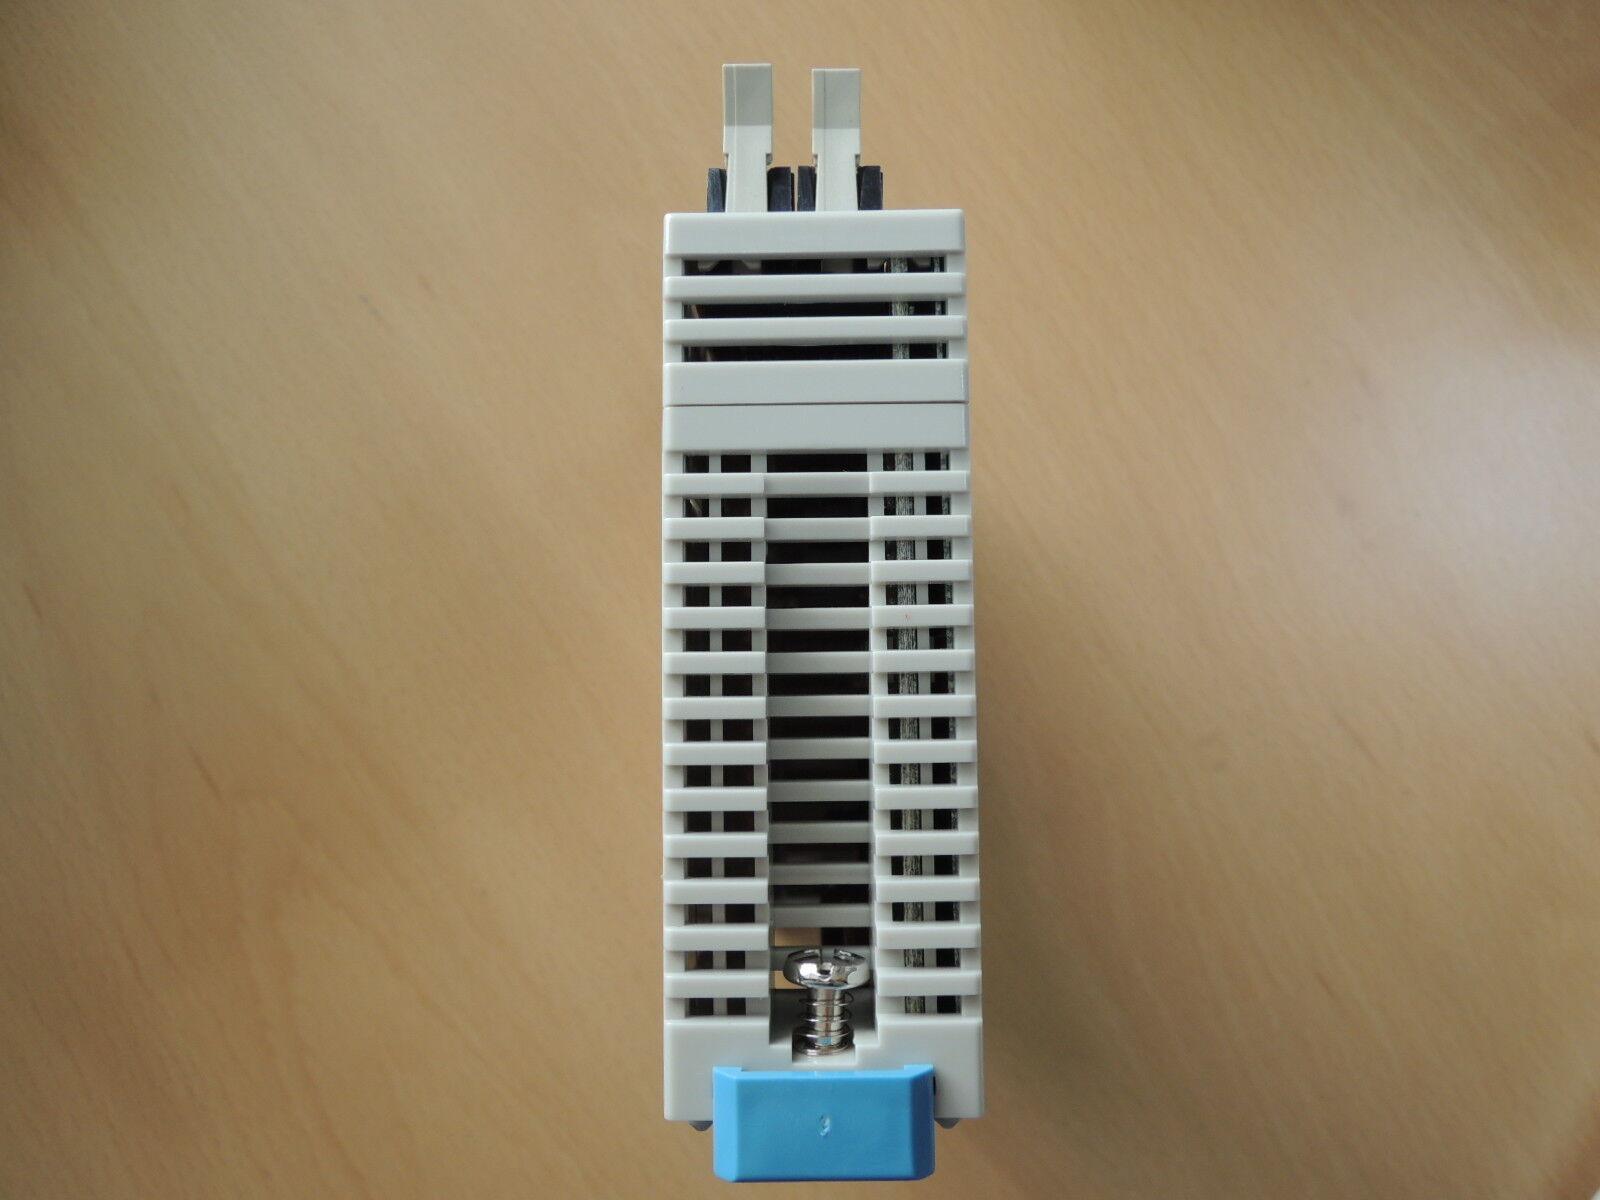 Unidad de E/S de Panasonic FP2 AFP23467 FP2-XY64D2T/Envío Gratuito Gratuito Gratuito Rápido 6ad107